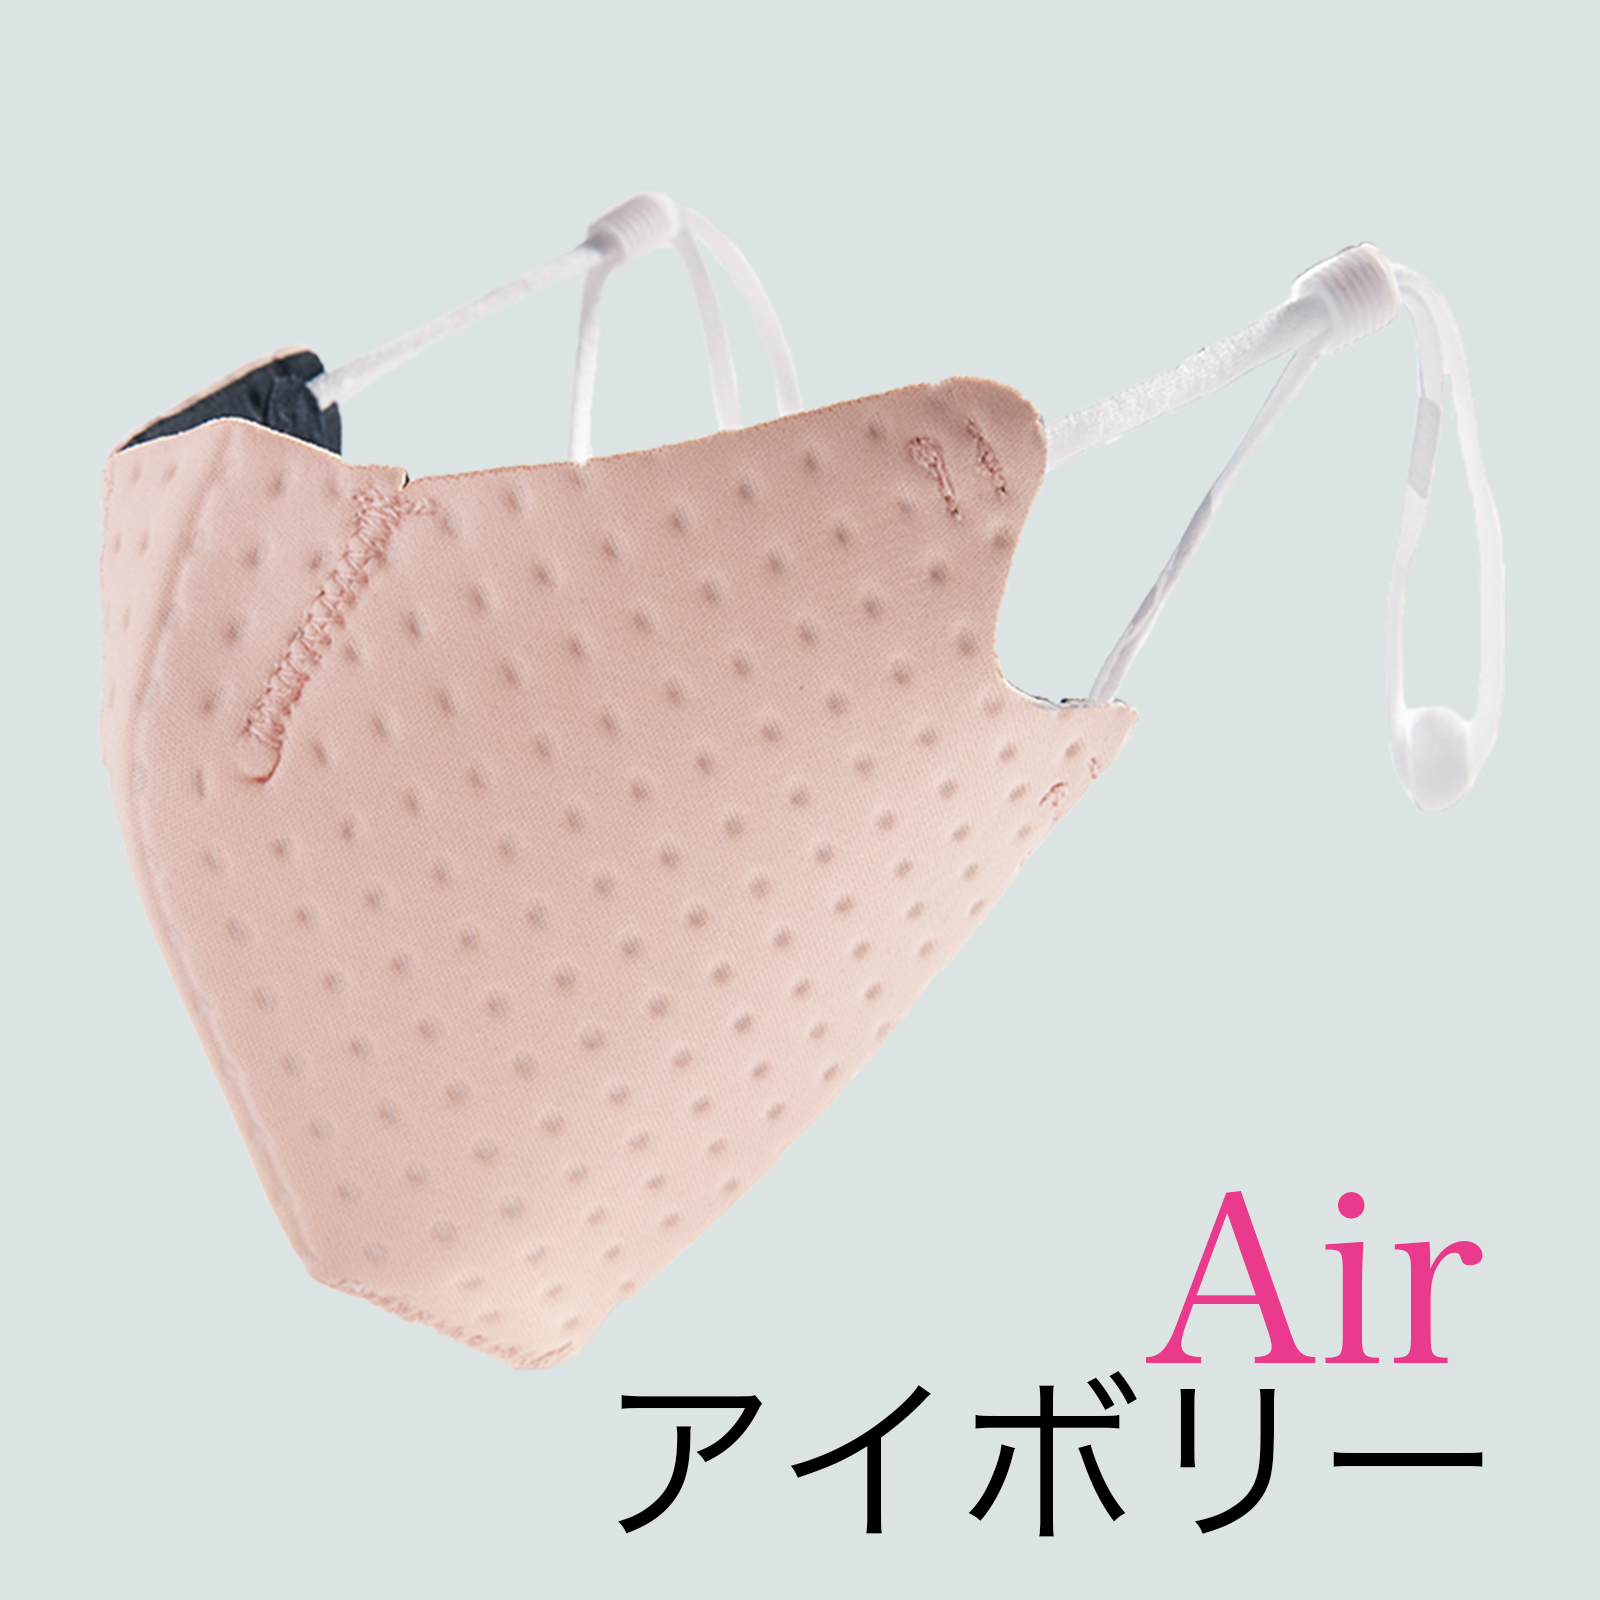 【単色購入】呼吸 Co-que Air アイボリー